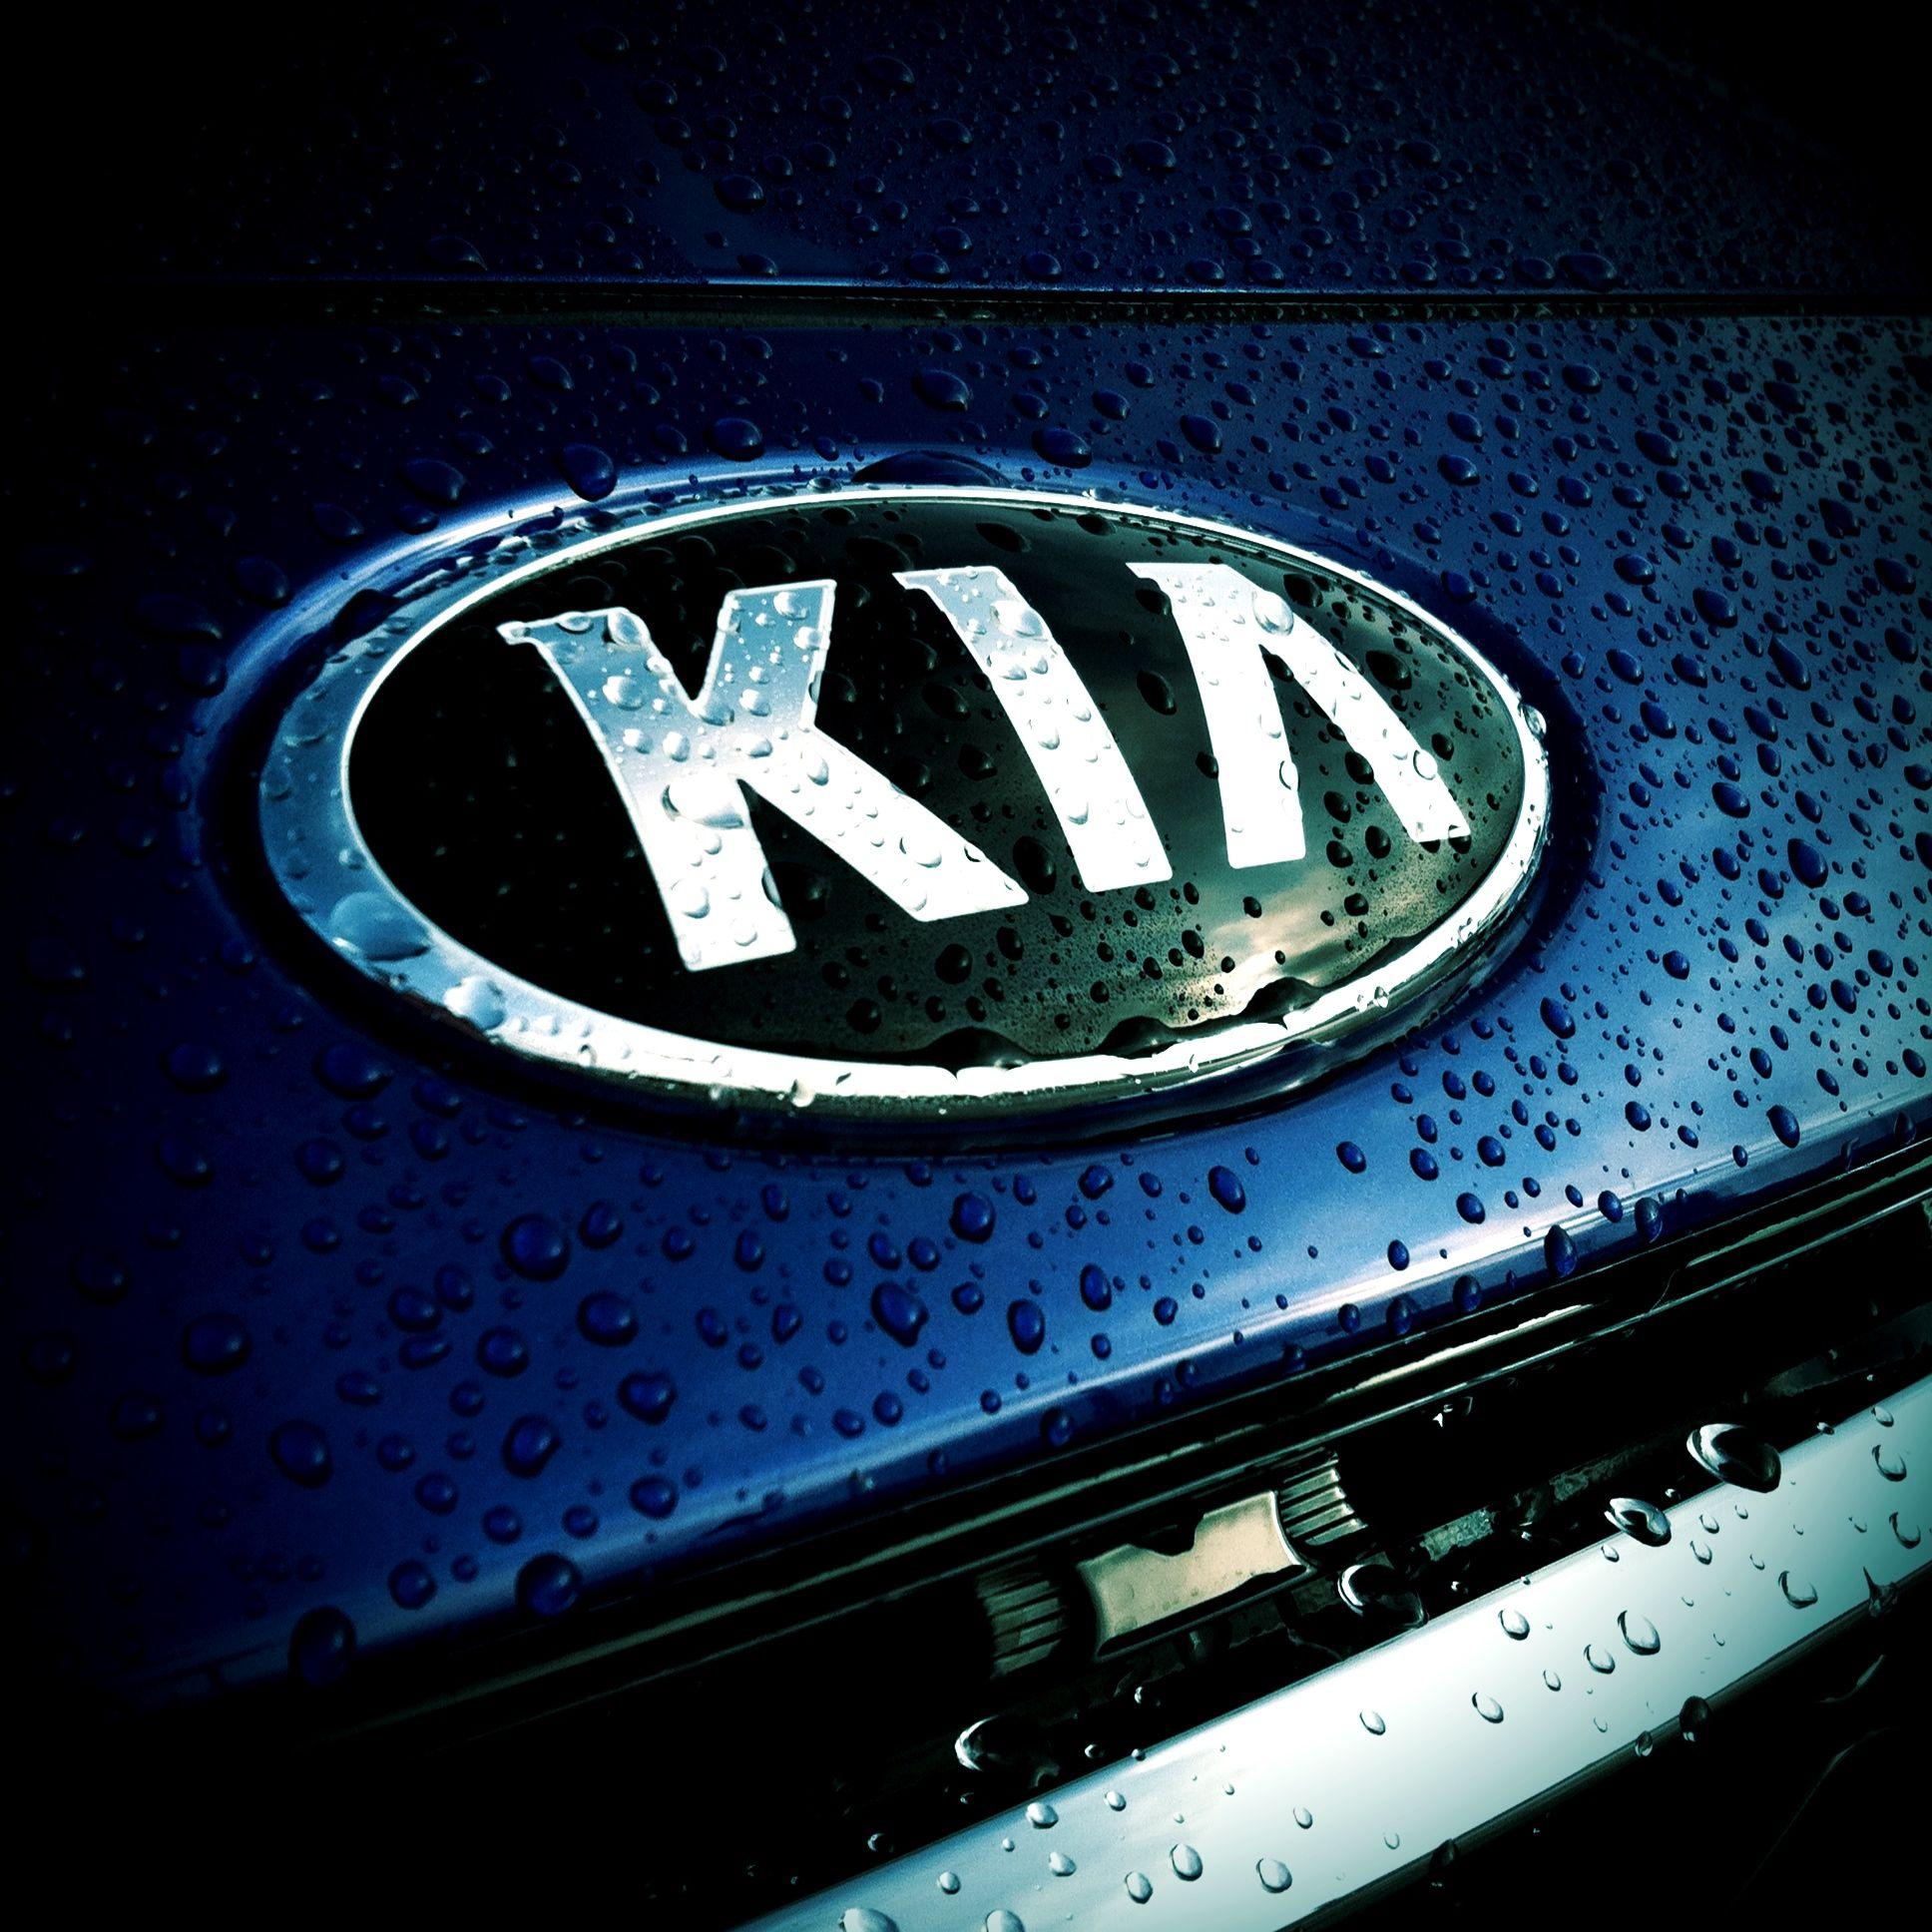 Car Brands Logos, Kia Logo